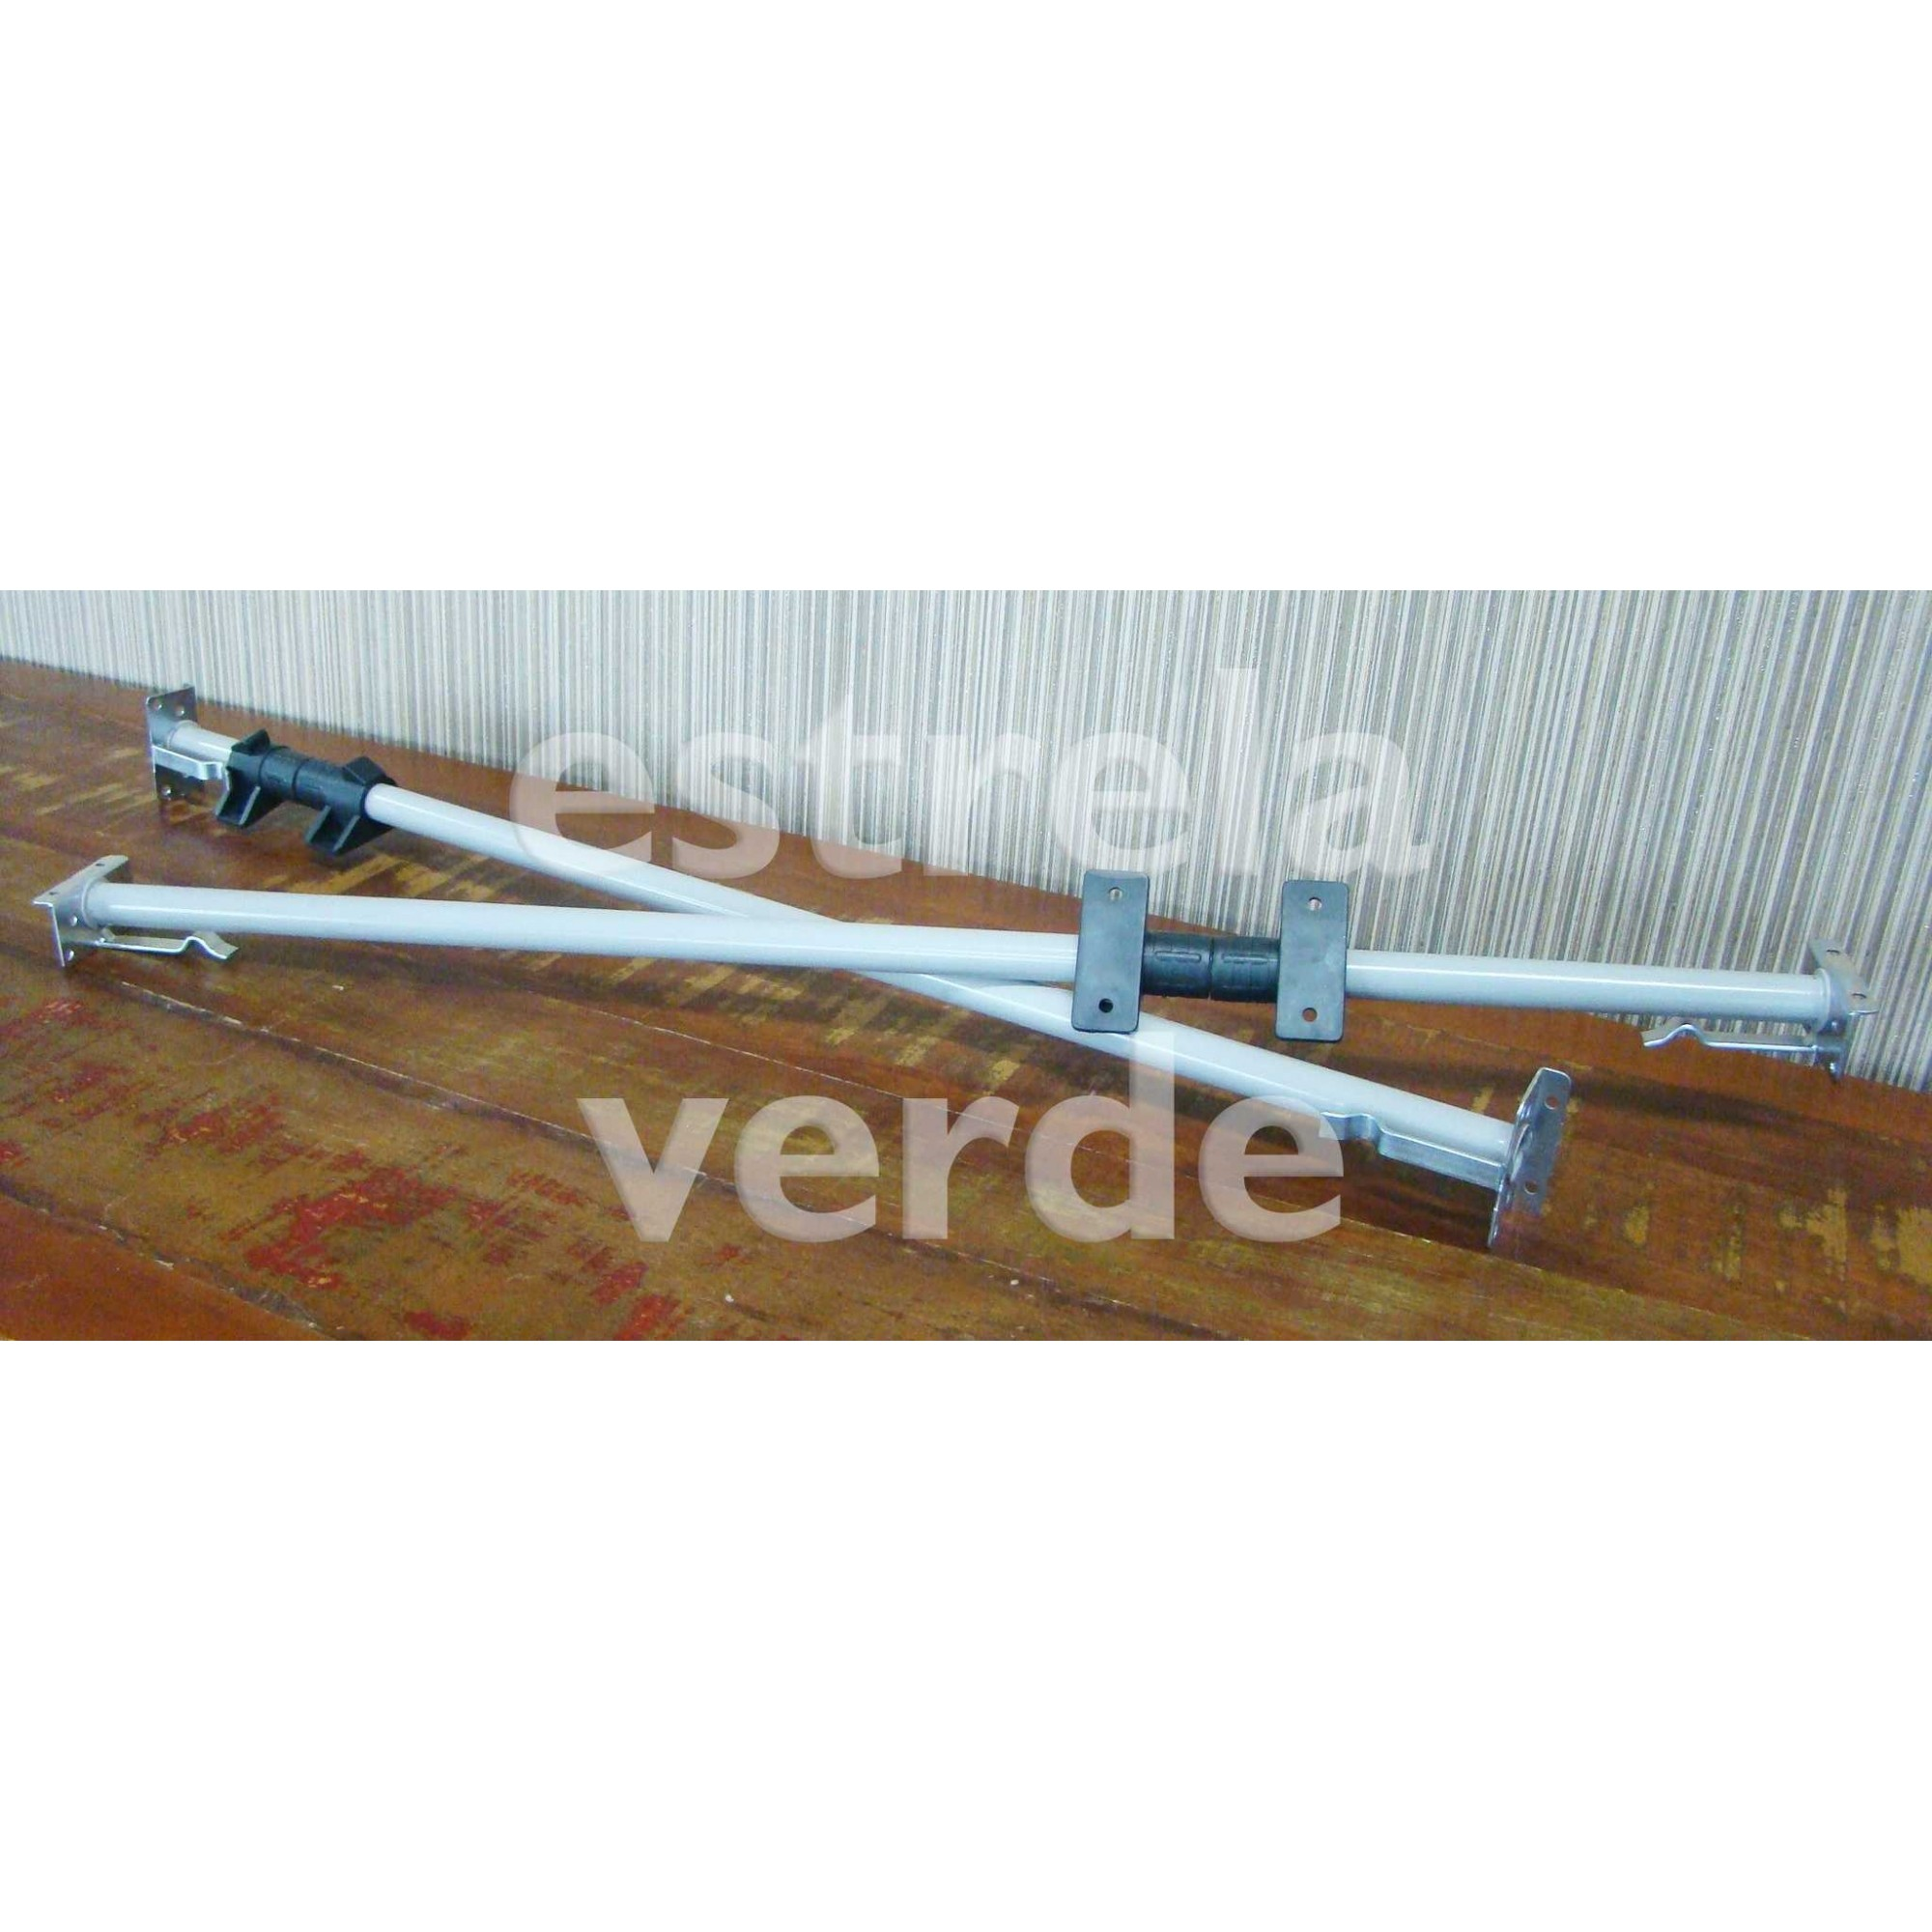 RETRATIL TUBO CANHAO 7/8 850MM       CX06PARES  - Estrela Verde